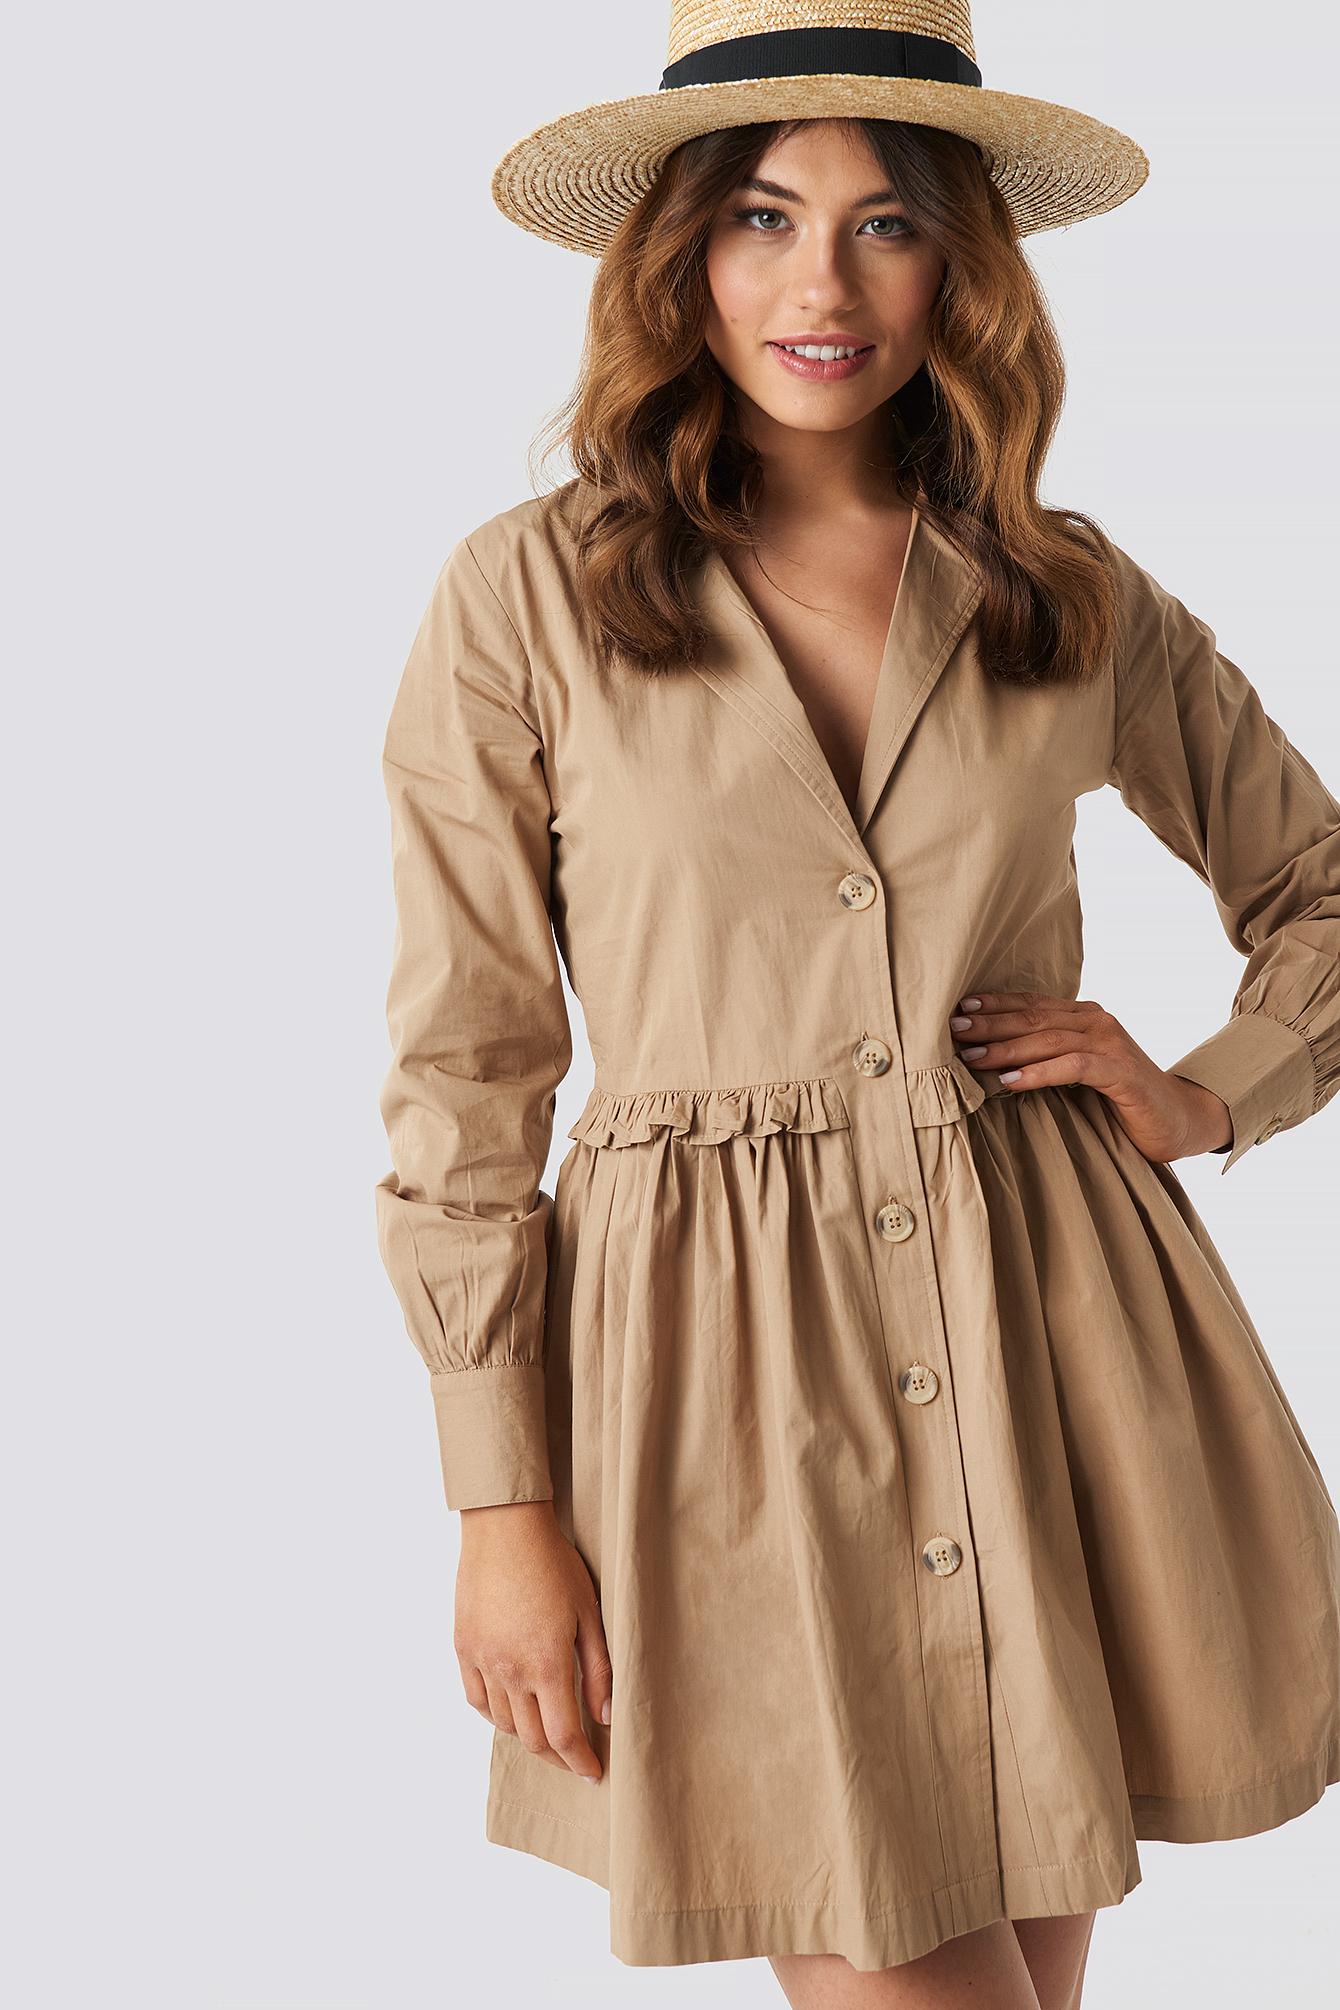 Dress BeigeNa Oversize Detail Ruffle Shirt N8nOPyv0wm